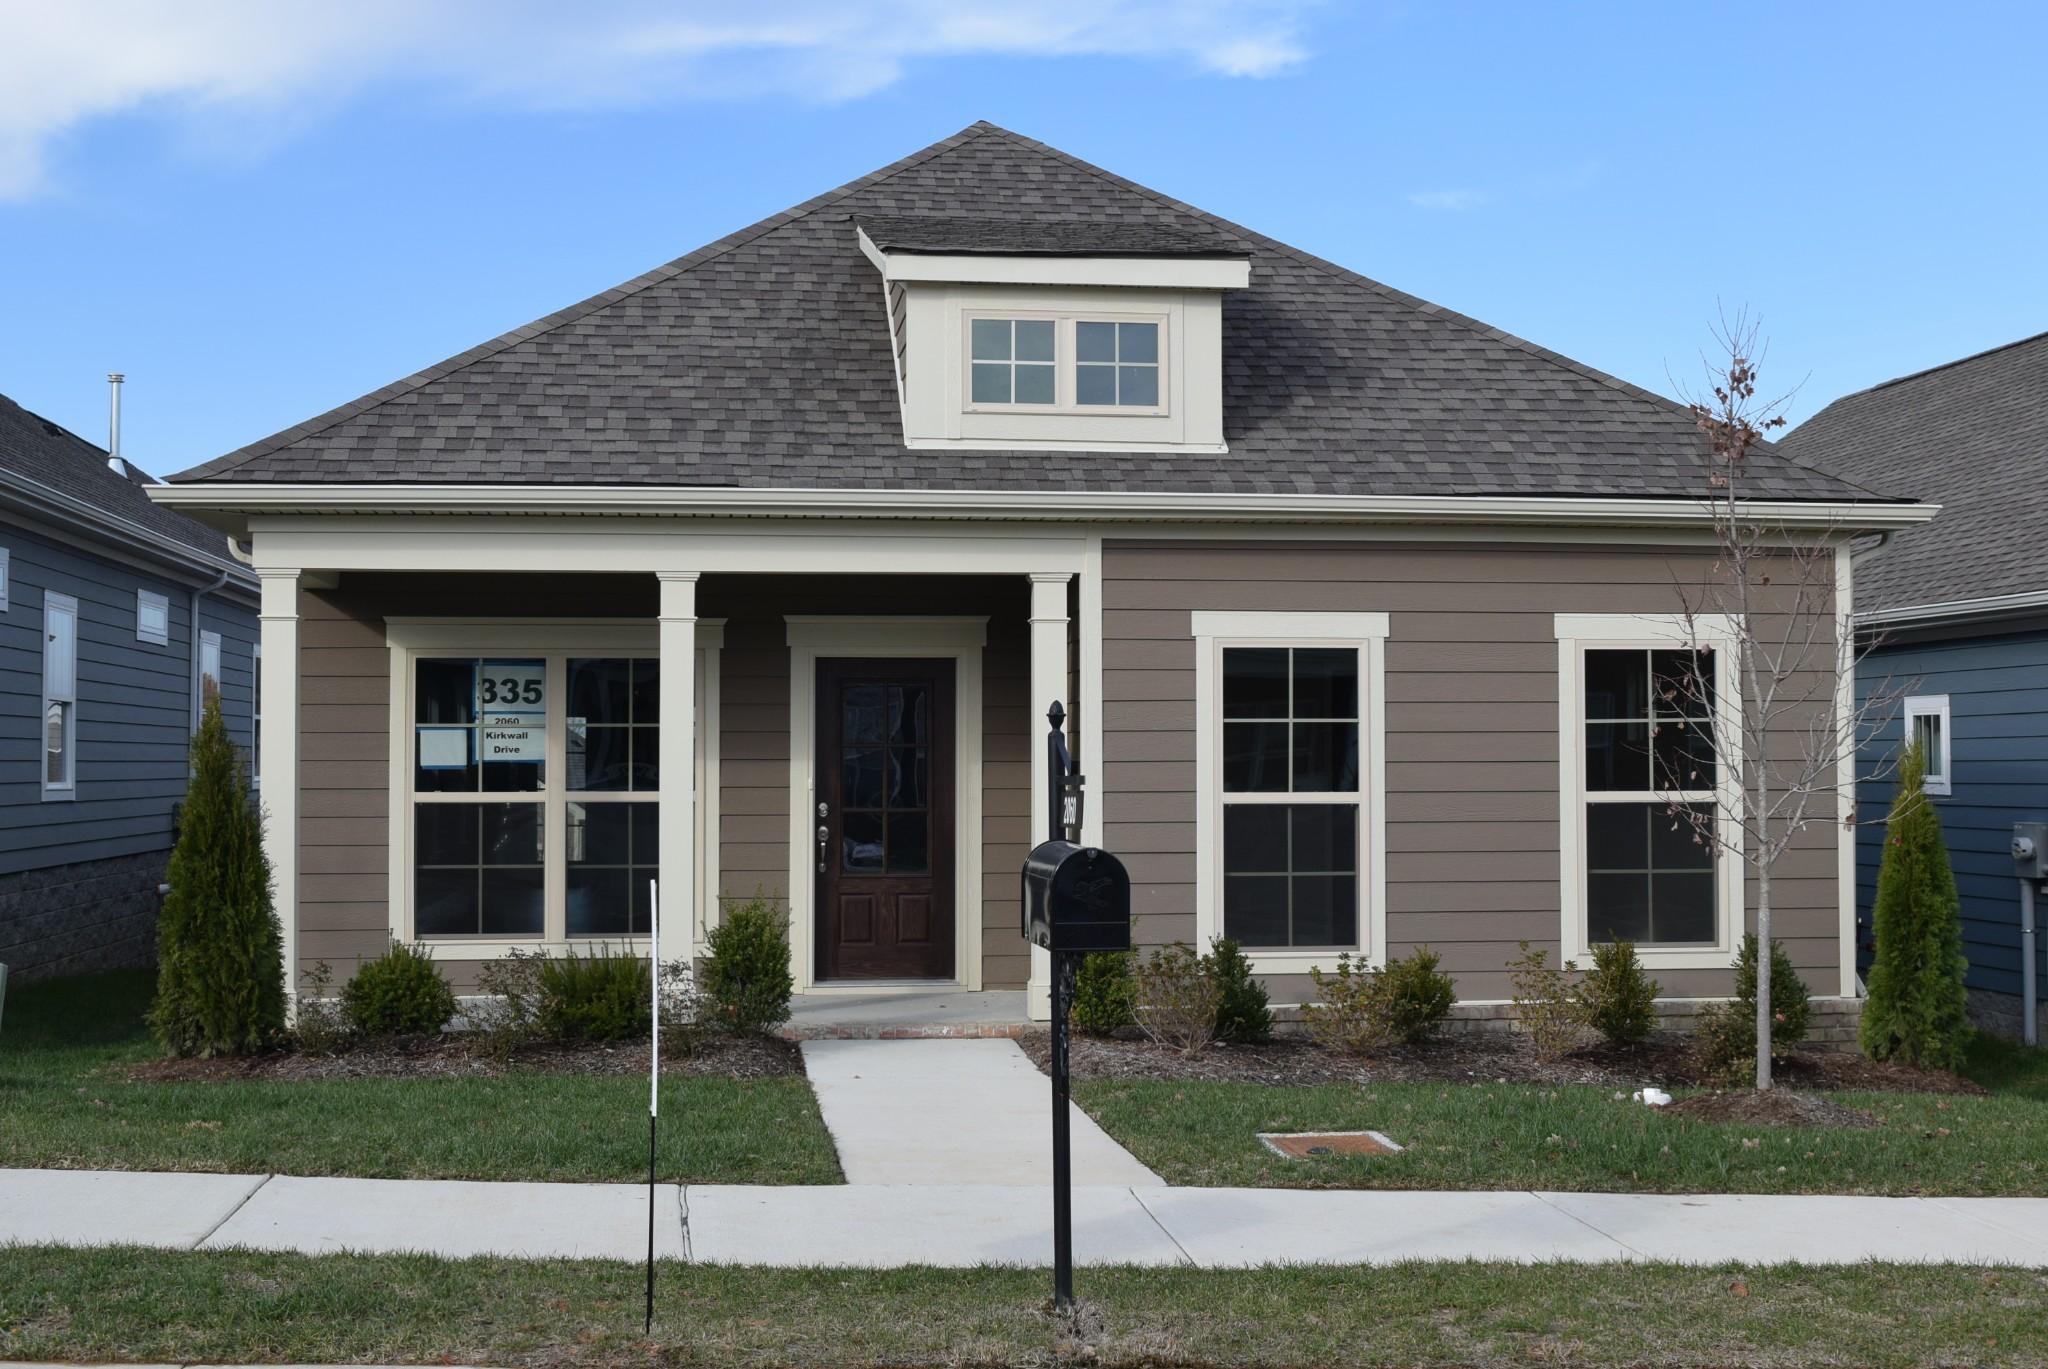 2060 Kirkwall Dr. #335, Nolensville, TN 37135 - Nolensville, TN real estate listing